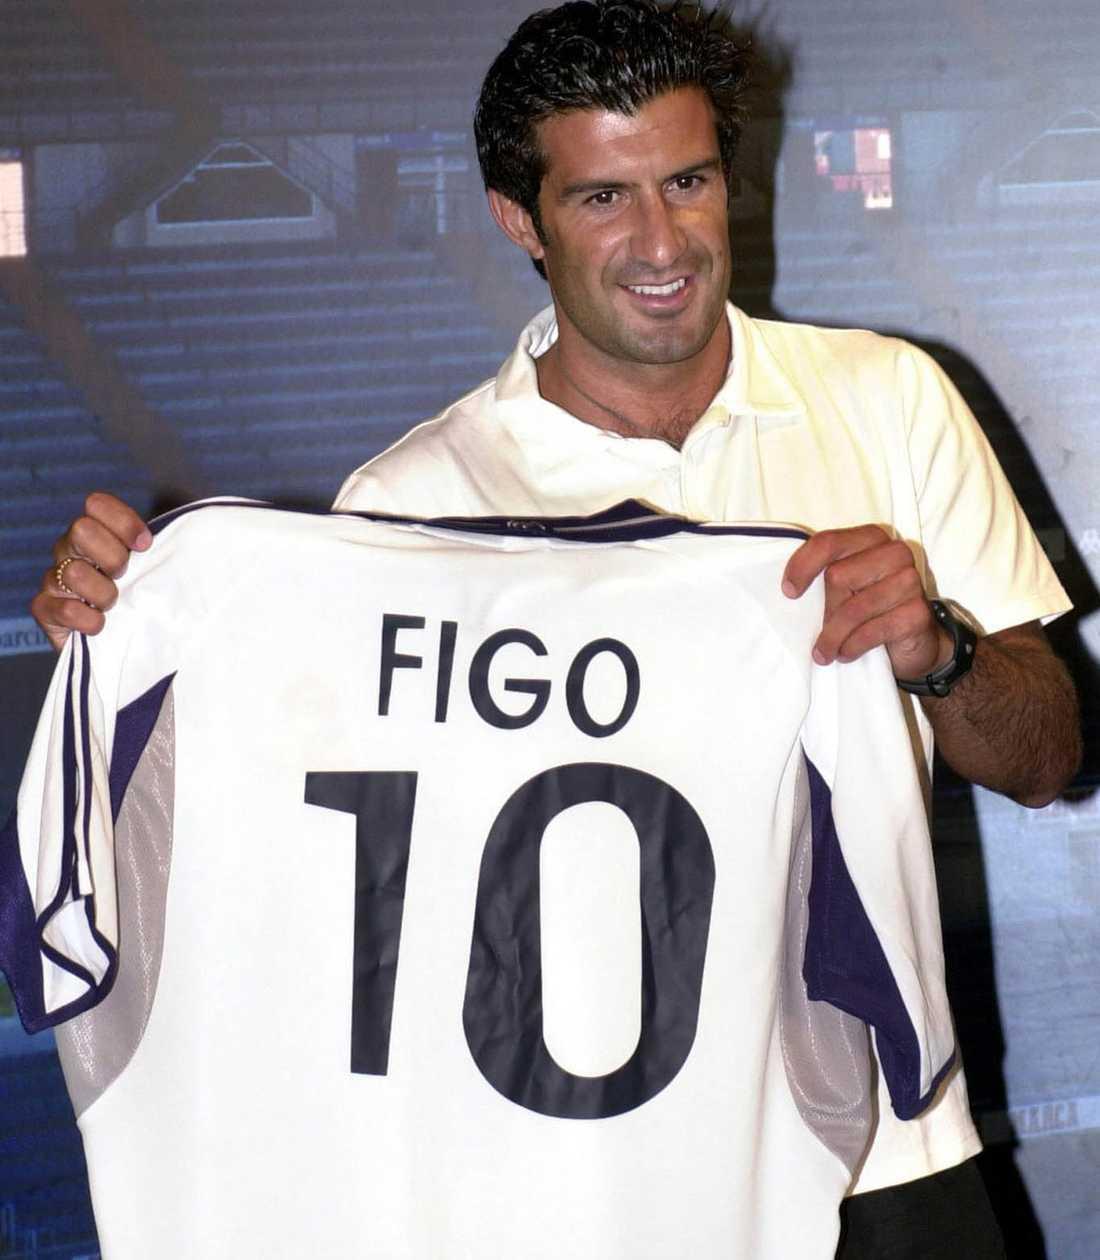 10. Luis Figo, 41, Portugal.